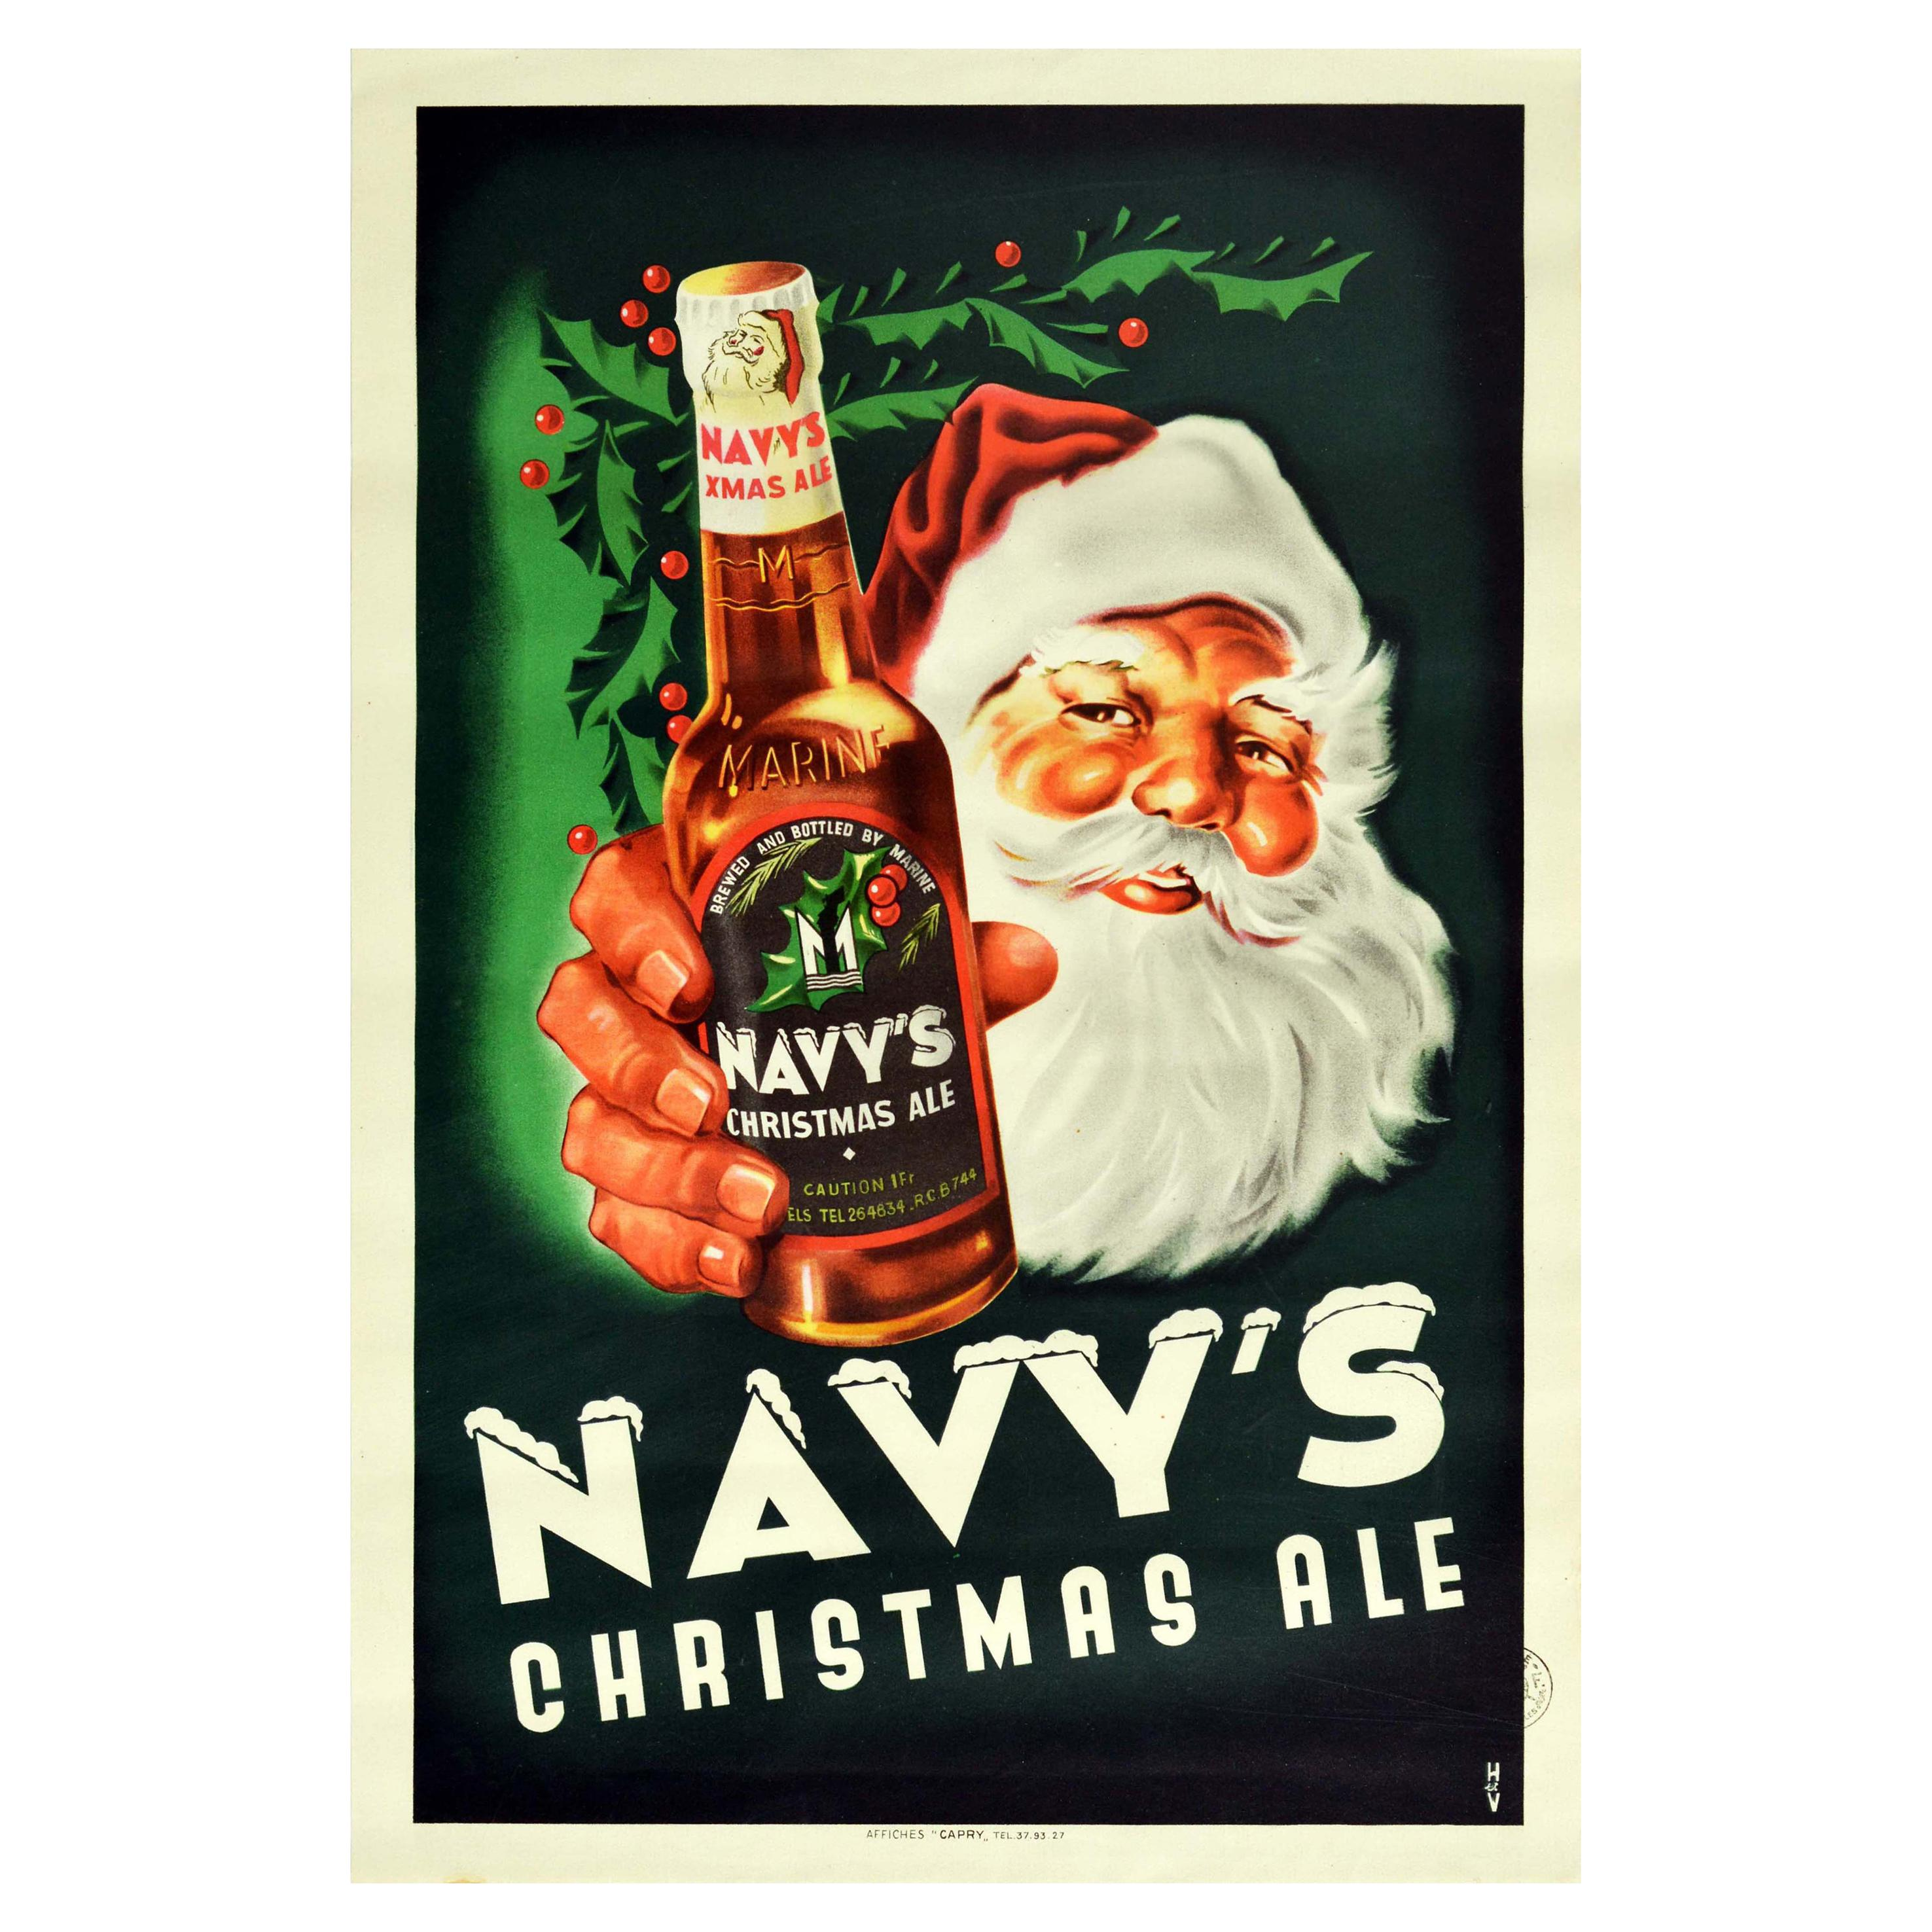 Original Vintage Drink Advertising Poster Navy's Christmas Ale Santa Claus Beer